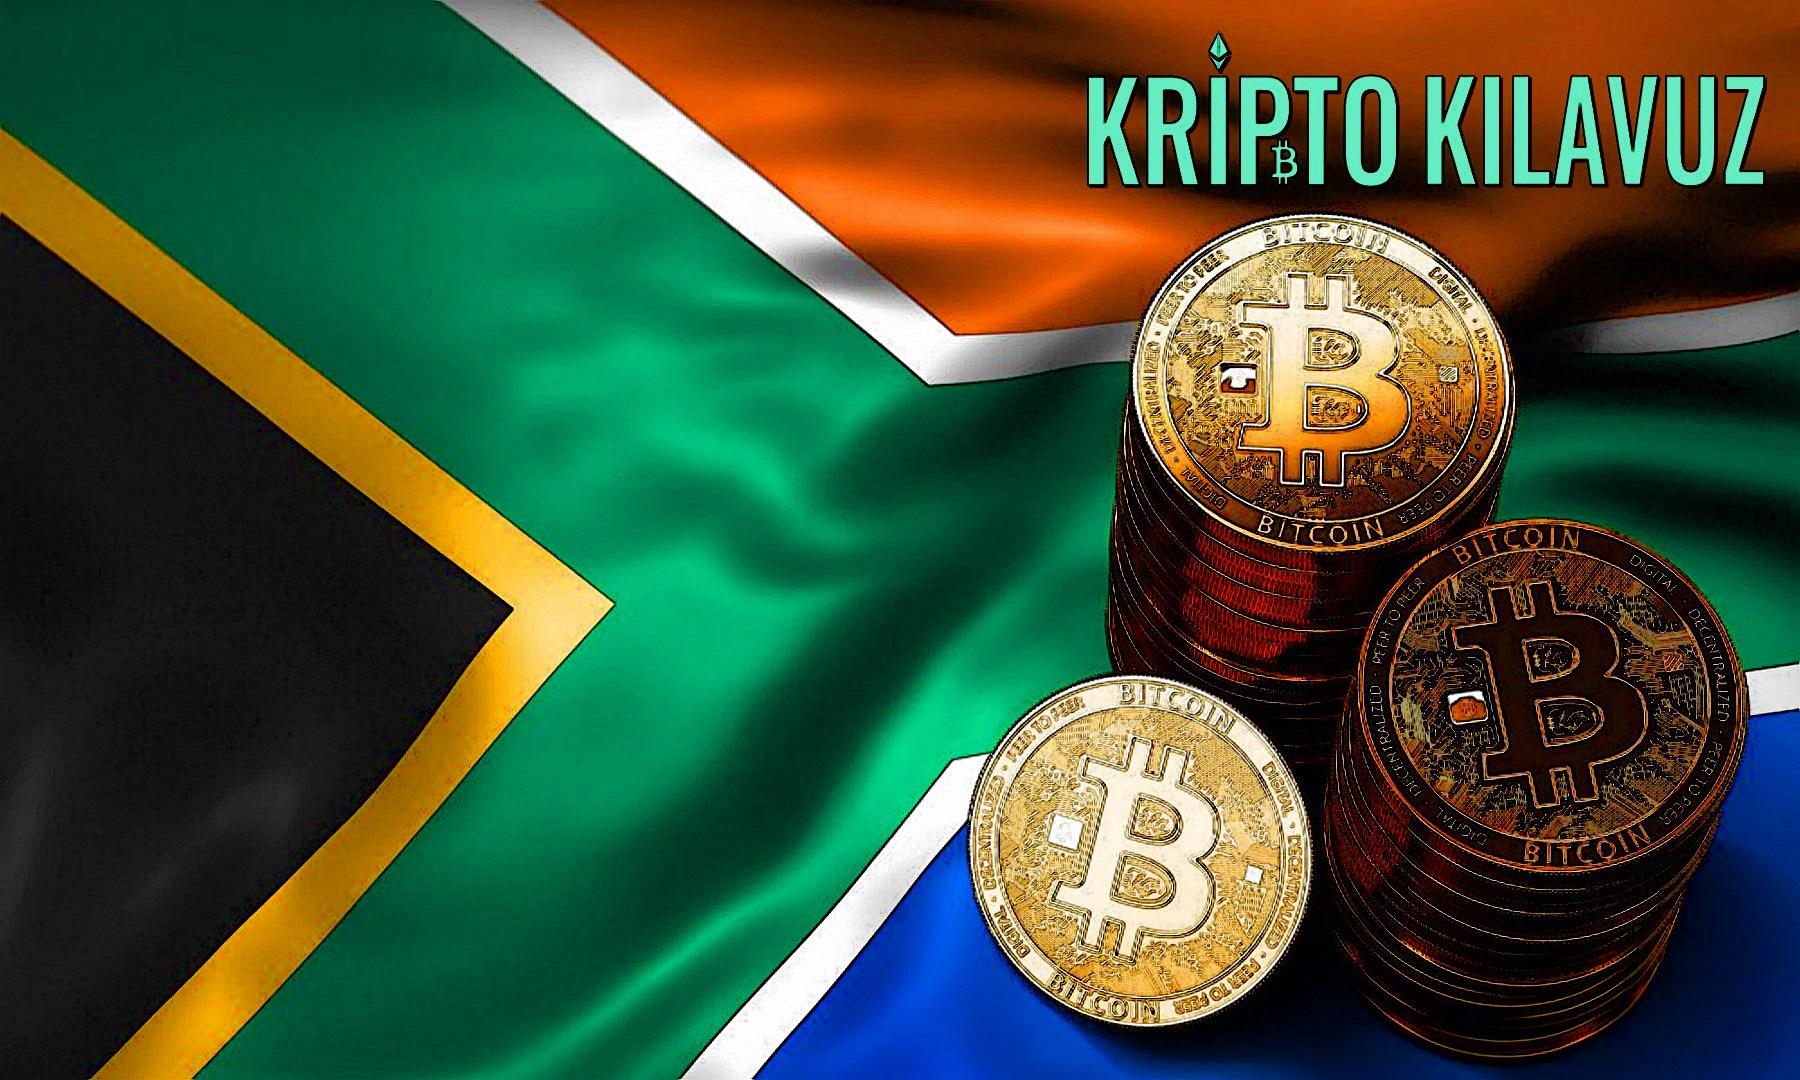 Güney Afrika Hükümeti: Kriptoyu Yasaklama Planımız Yok